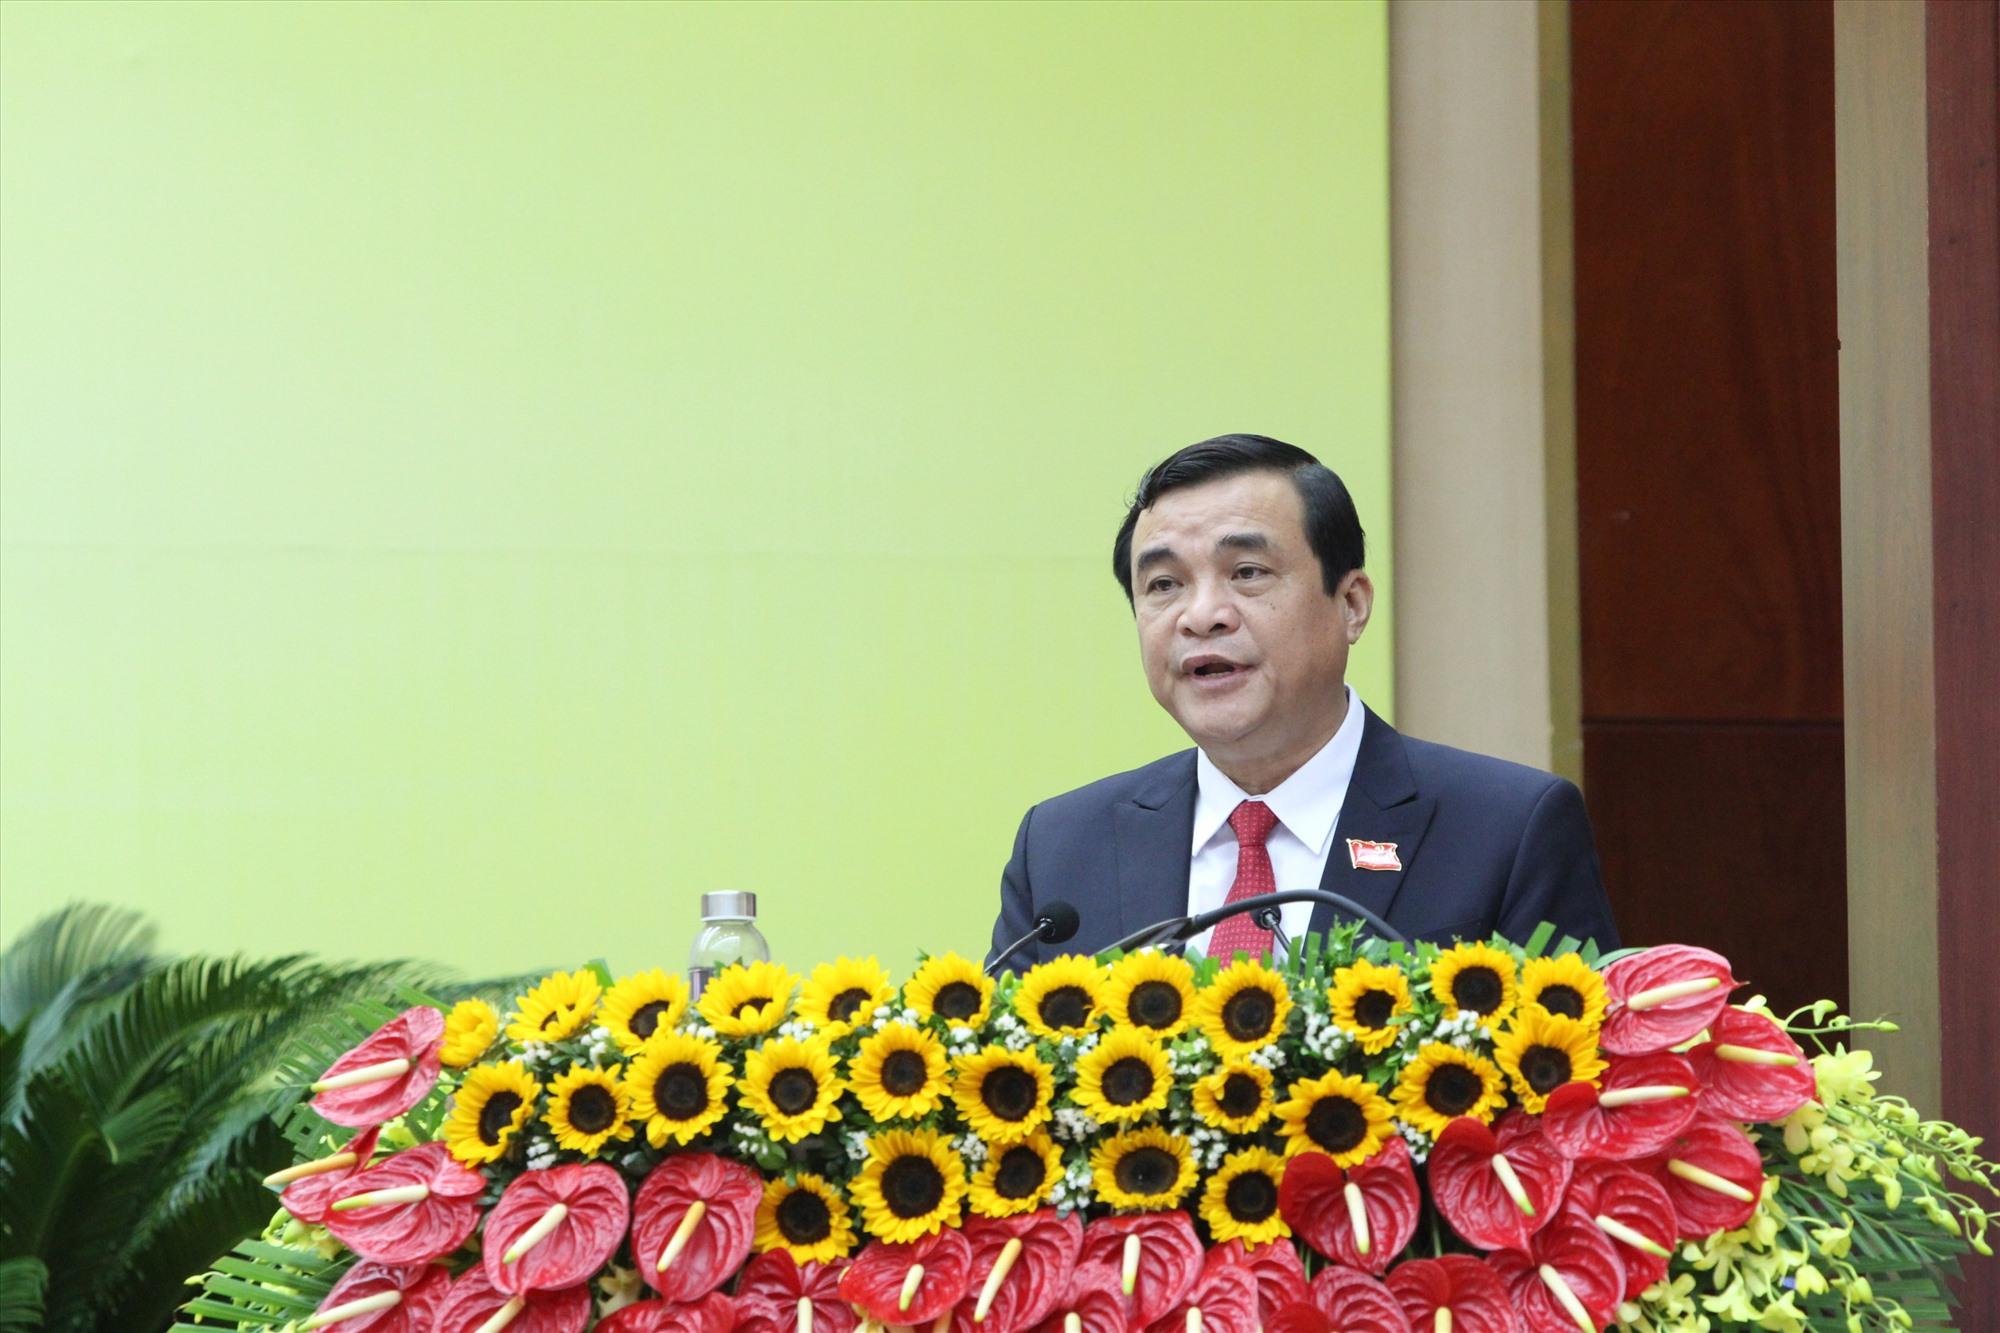 Đồng chí Phan Việt Cường trình bày báo cáo đề án nhân sự Ban Chấp hành Đảng bộ tỉnh lần thứ XXII.